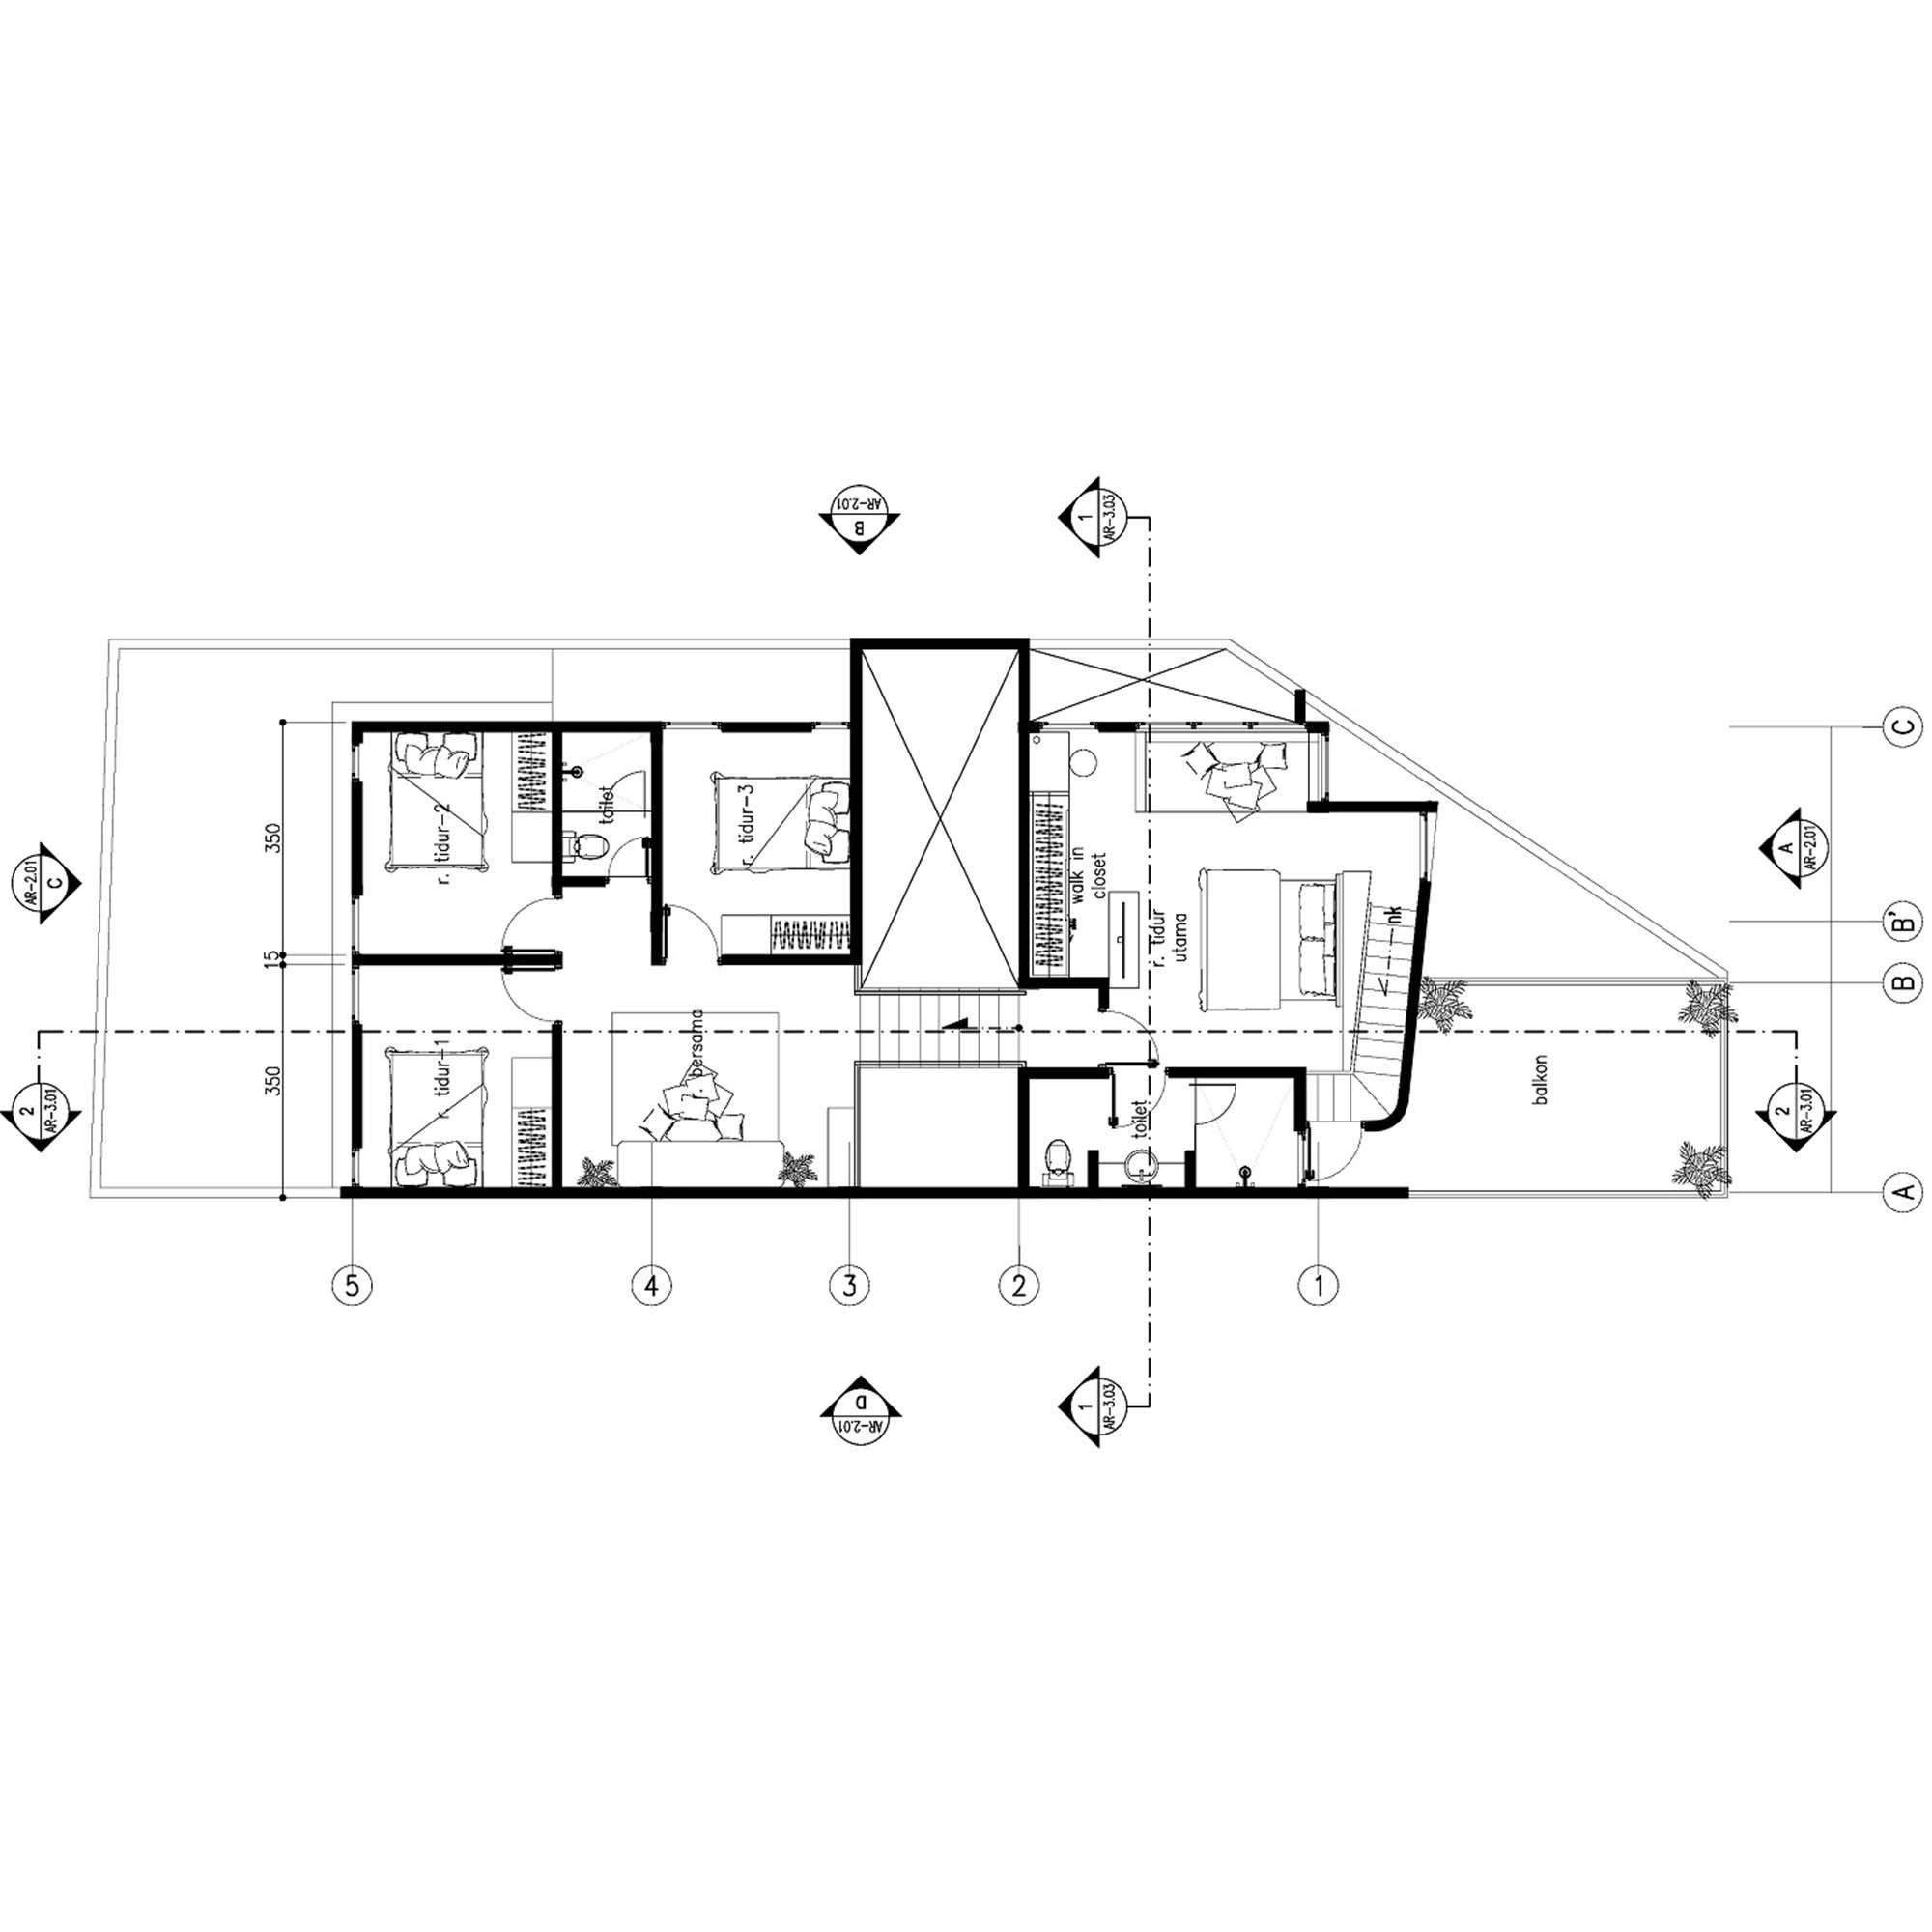 GK HOUSE (2)